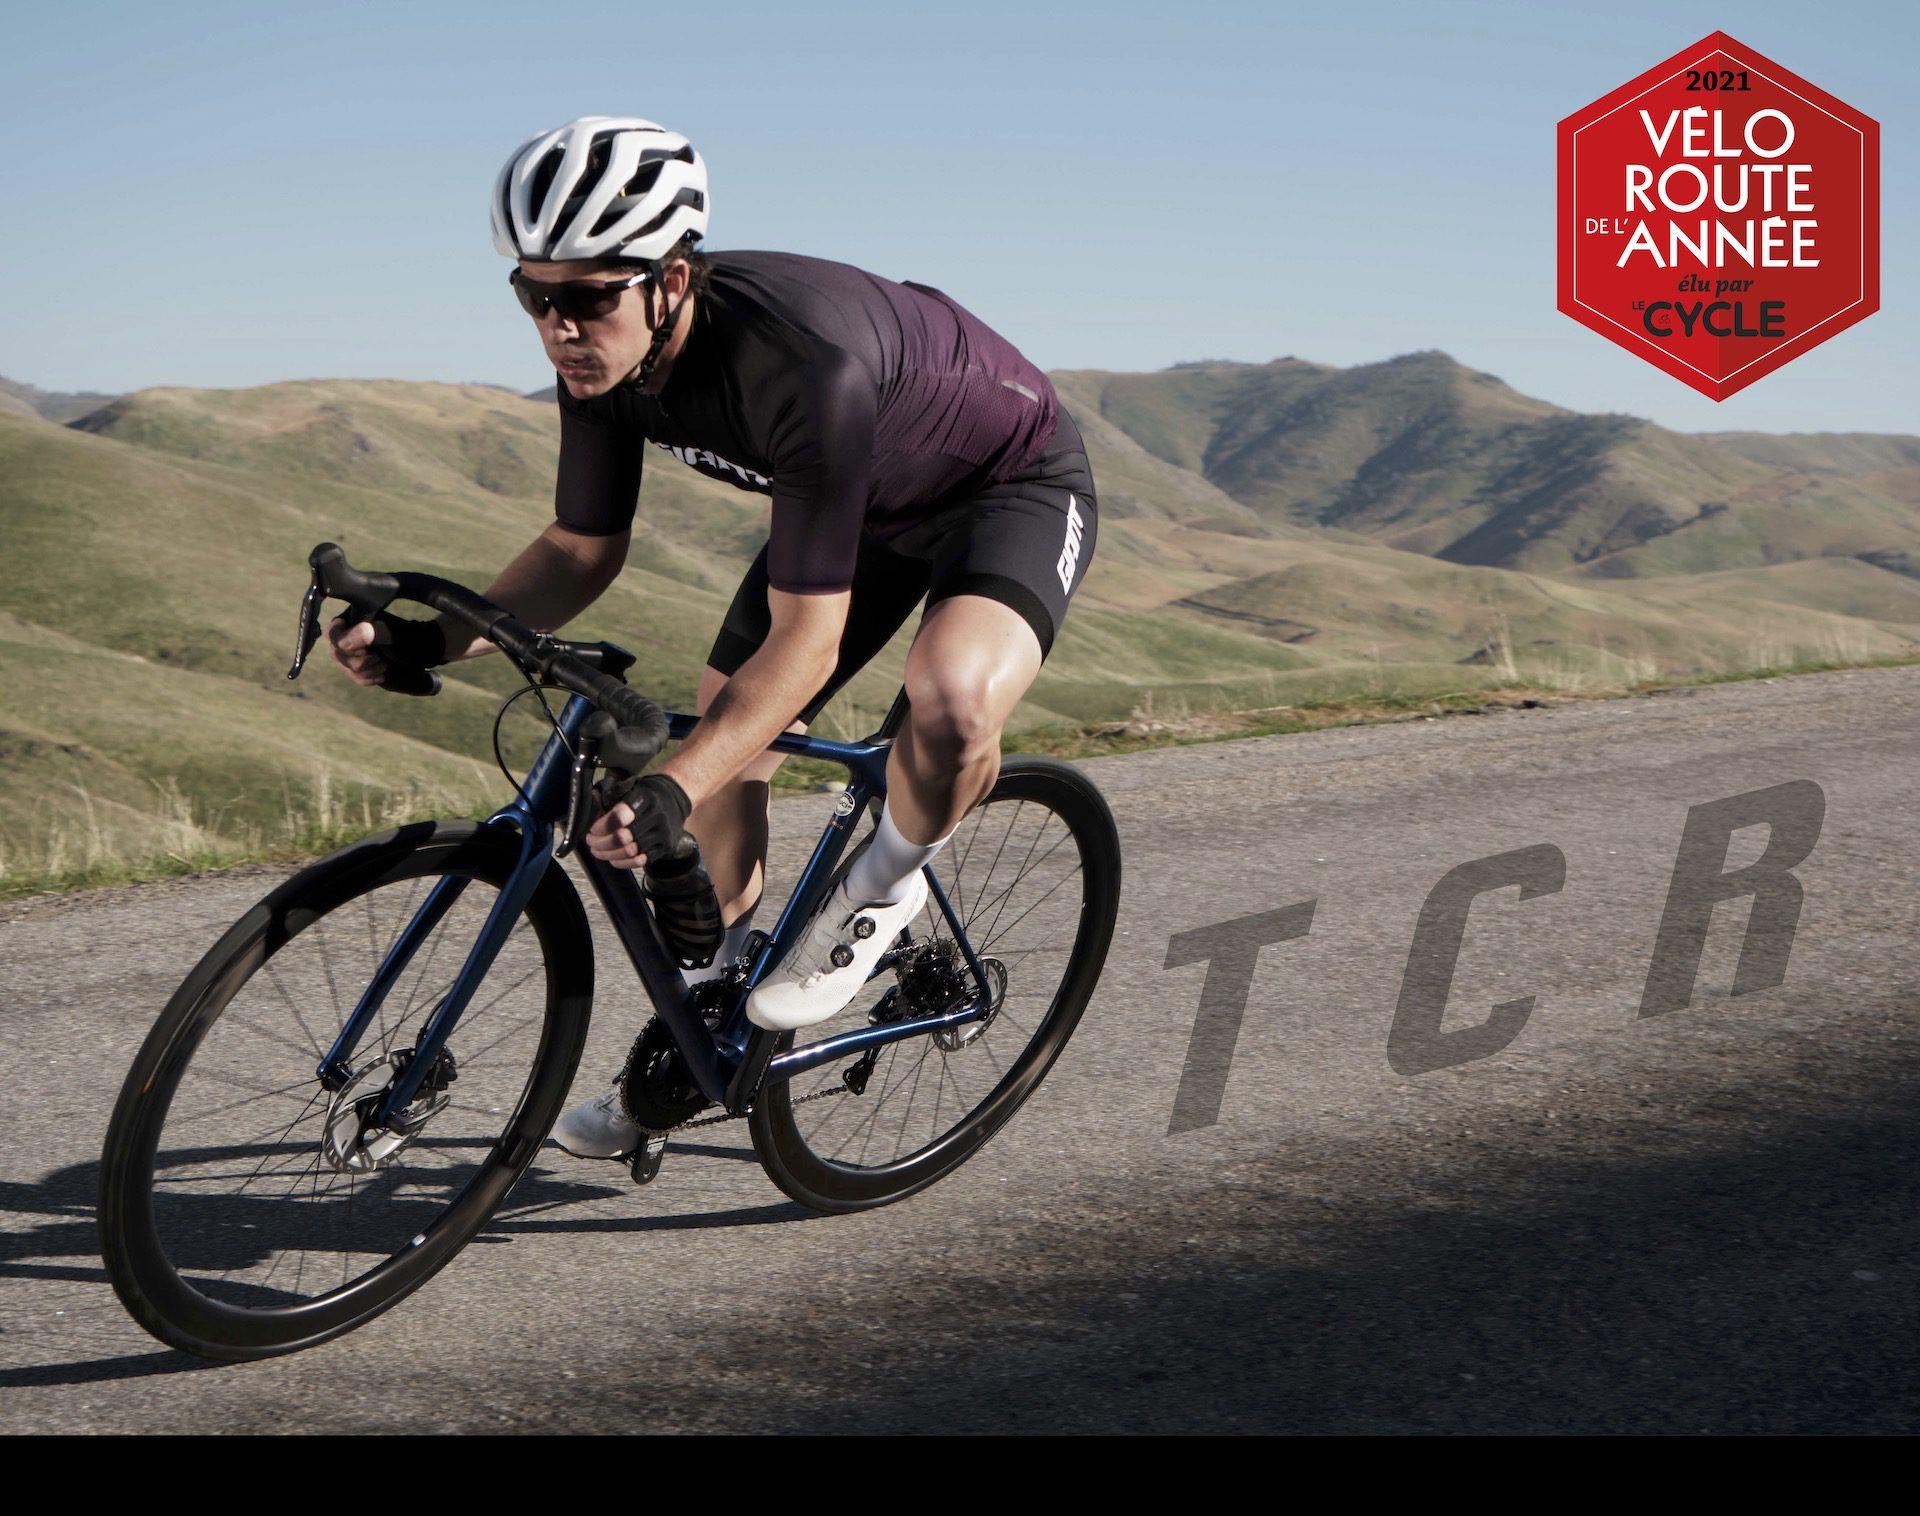 2021 Vélo Route de l'Année Le Cycle Giant TCR Advanced Pro 0 Disc